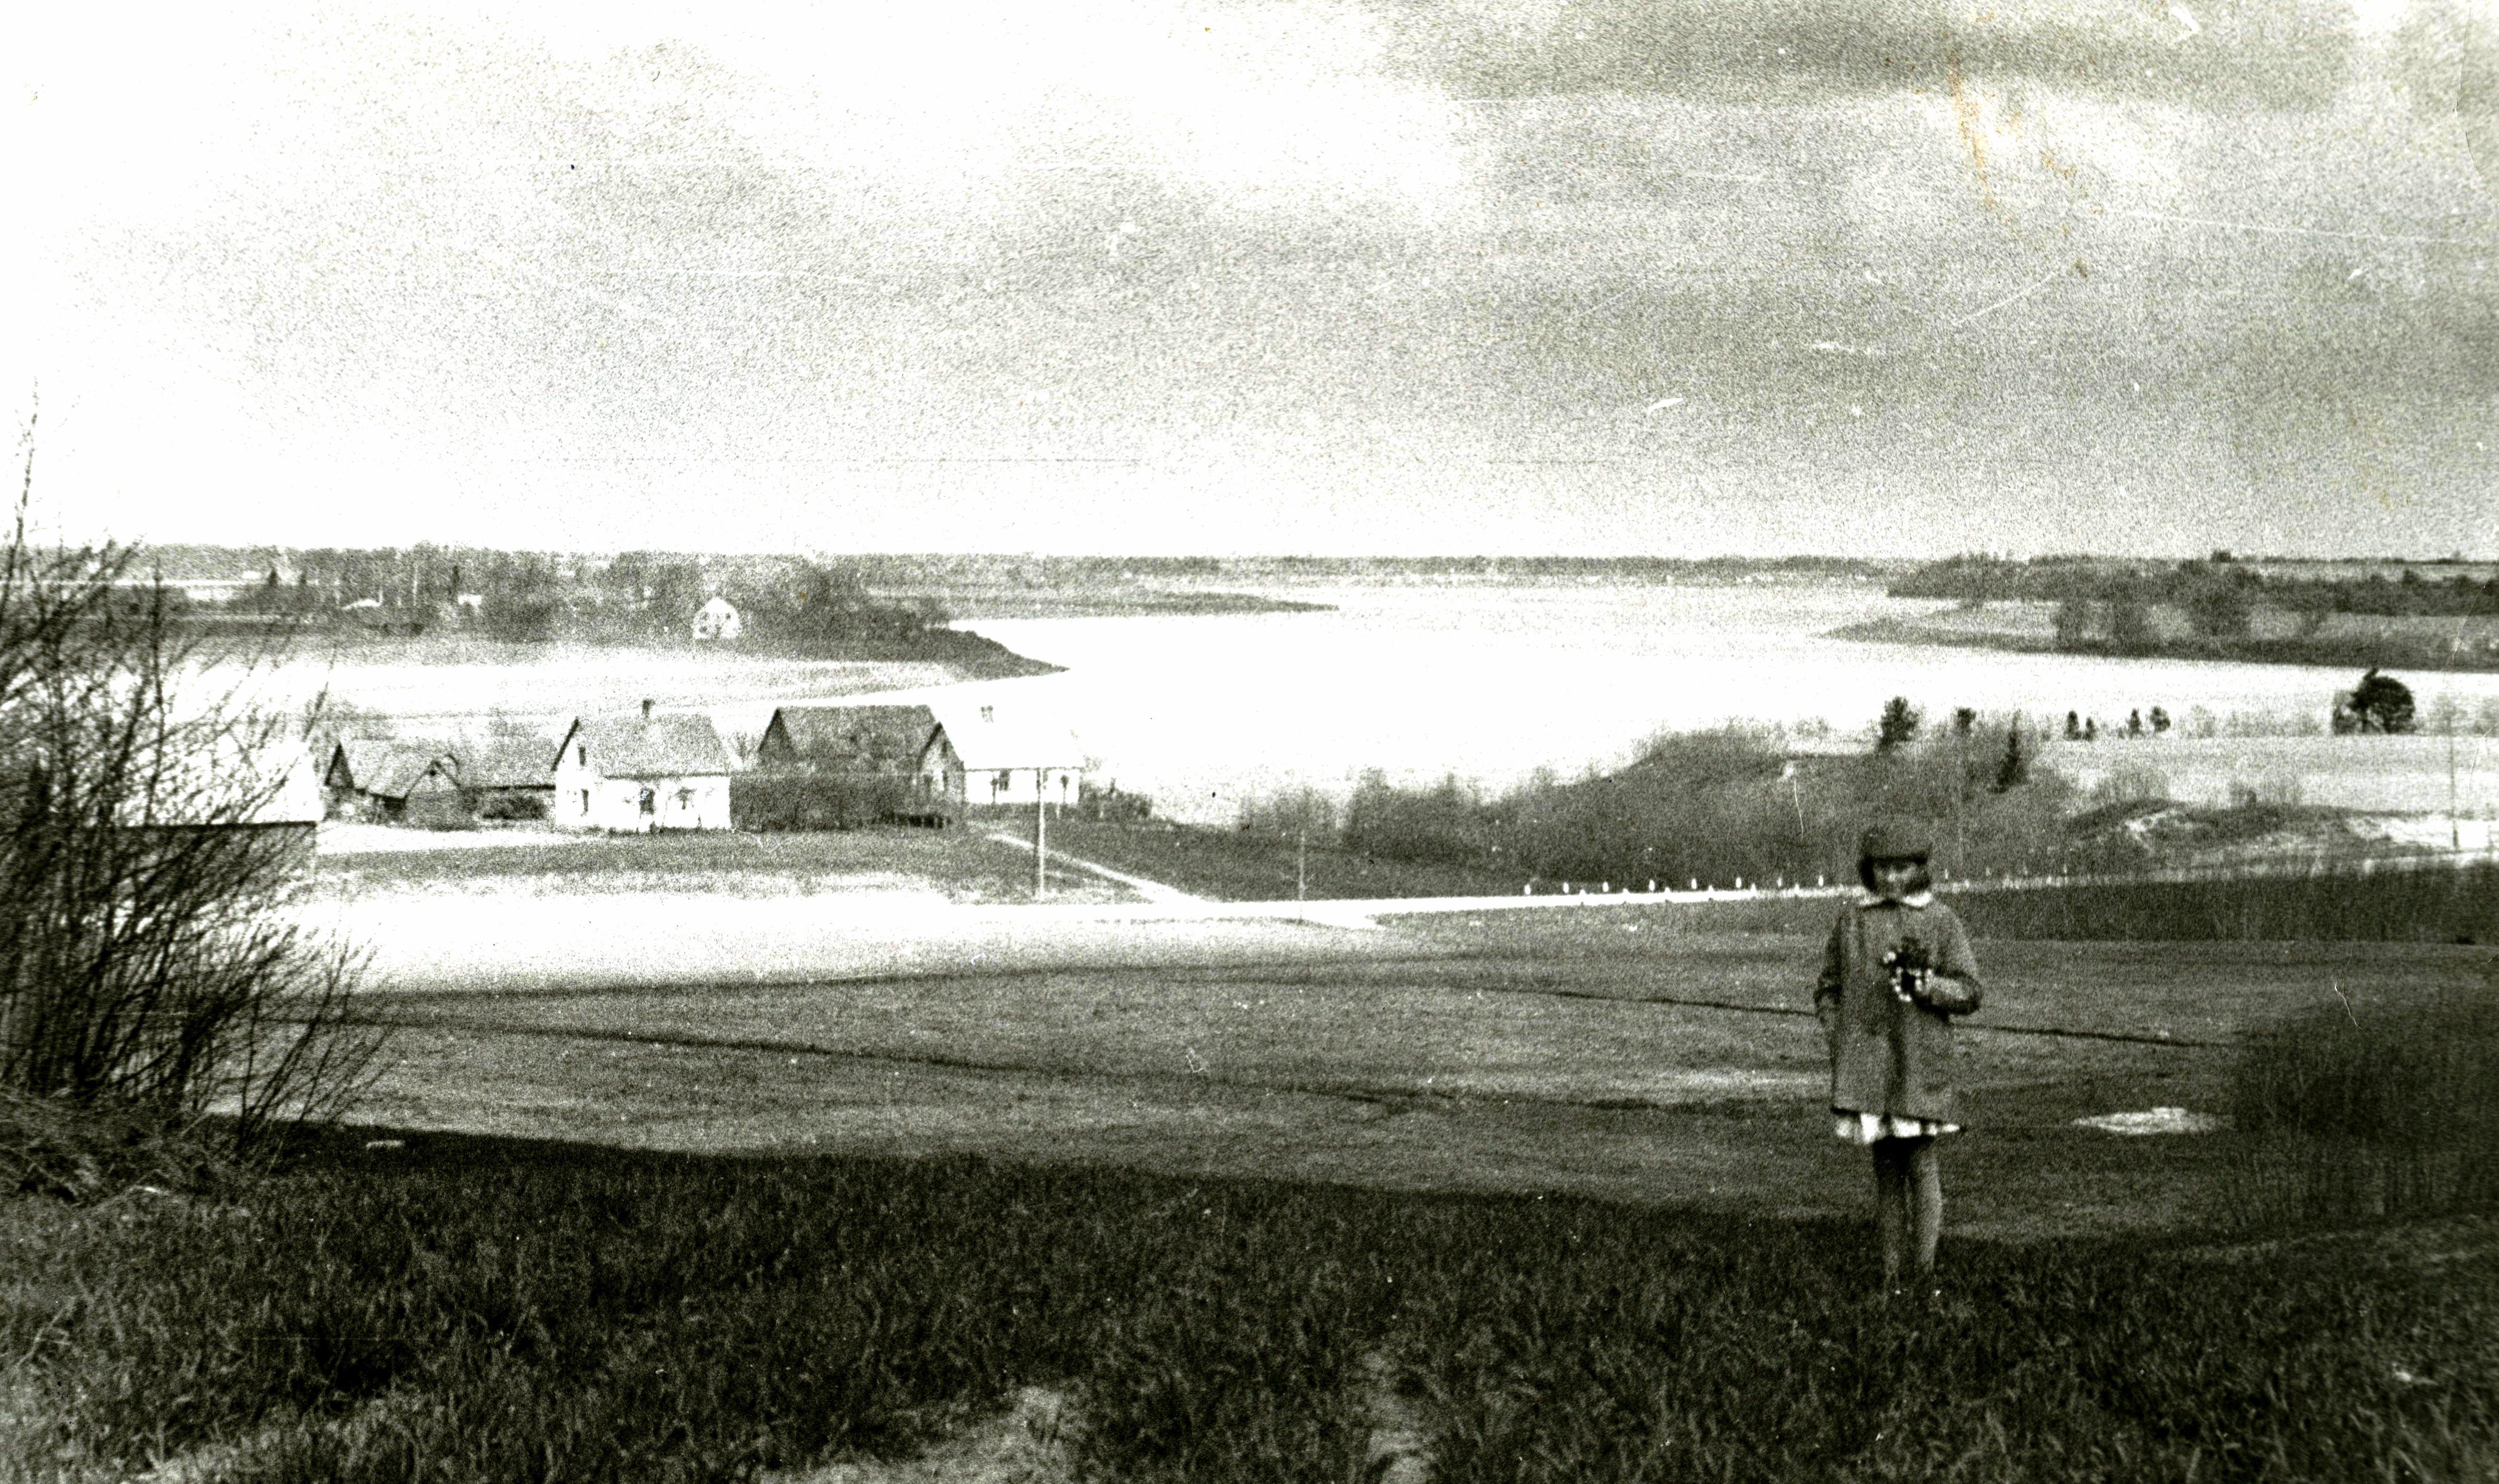 Skats no Klaņģu kalna uz Jaunjelgavas šoseju, tiltu un Pūķupes ieteku. Upes labais krasts stāvāks, bet kreisajā – mājas Pūķupes un Strautnieki. Pāri Sausajai Daugavai redzams Doles salas augšgals ar Dūdiņām u. c.. 20. gs. 60. gadi. Ķekavas novadpētniecības muzeja krājums.